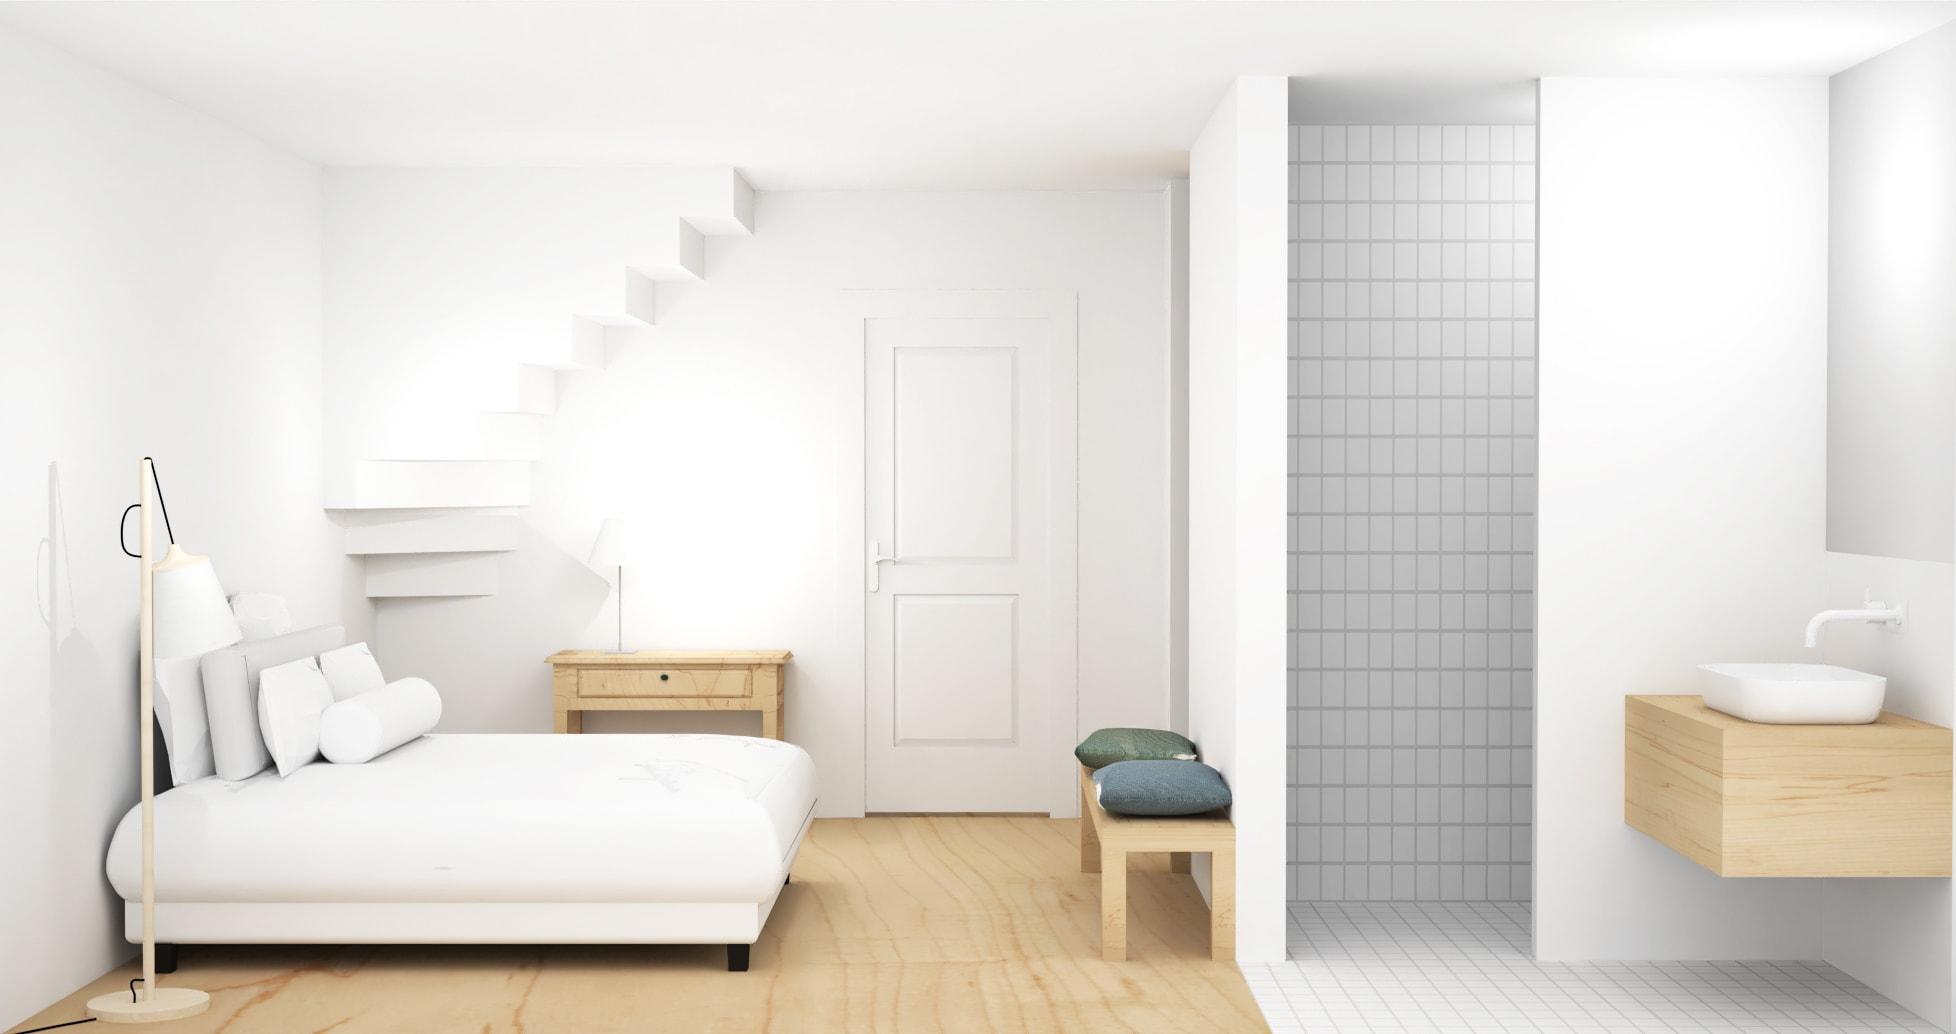 Ontwerp slaapkamer met open badkamer